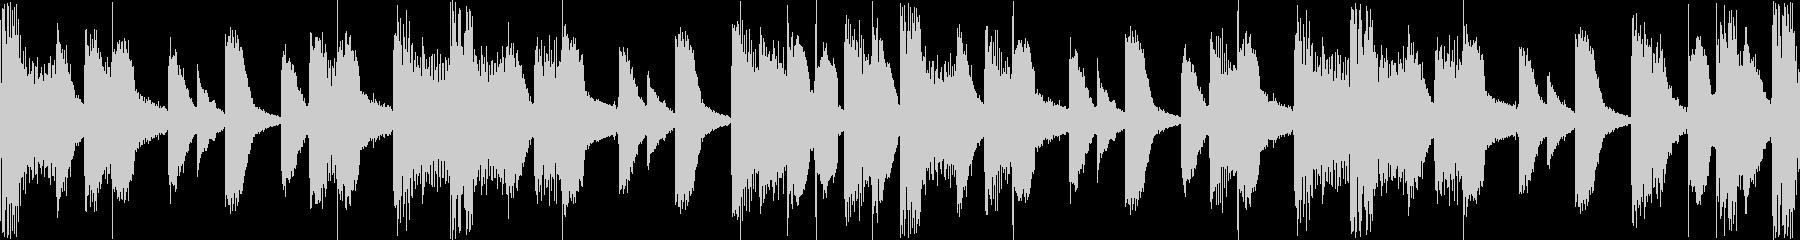 EDMデジタル系のリズムLoopの未再生の波形